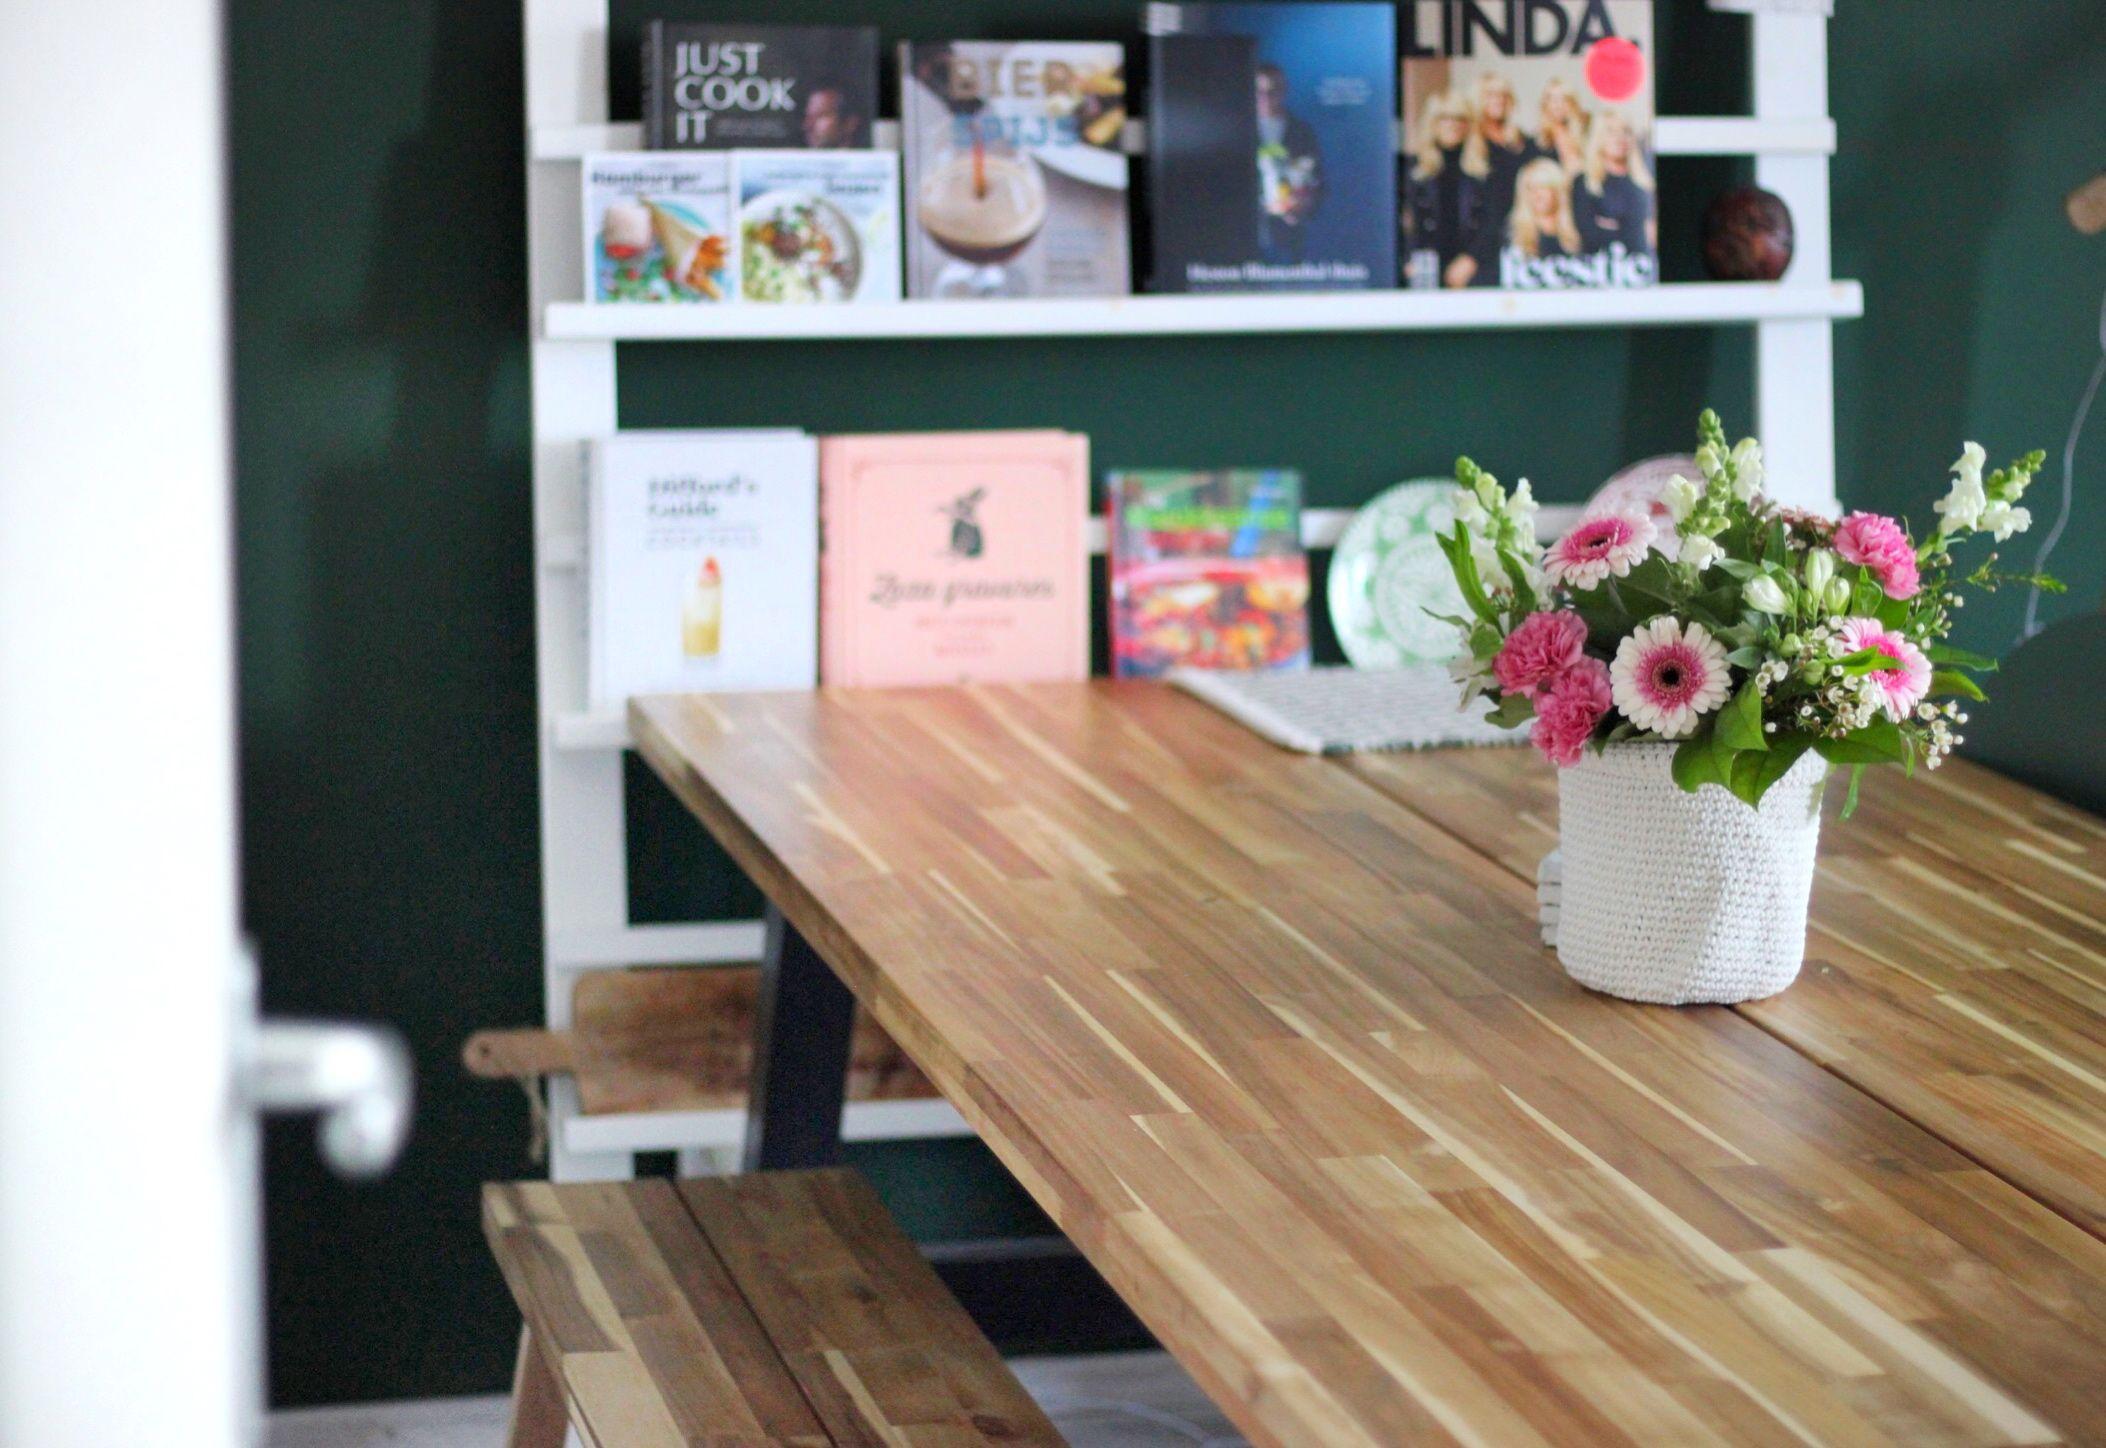 Grote Houten Tafels : Wandrek met kookboeken en grote houten tafel van ikea met bankje als